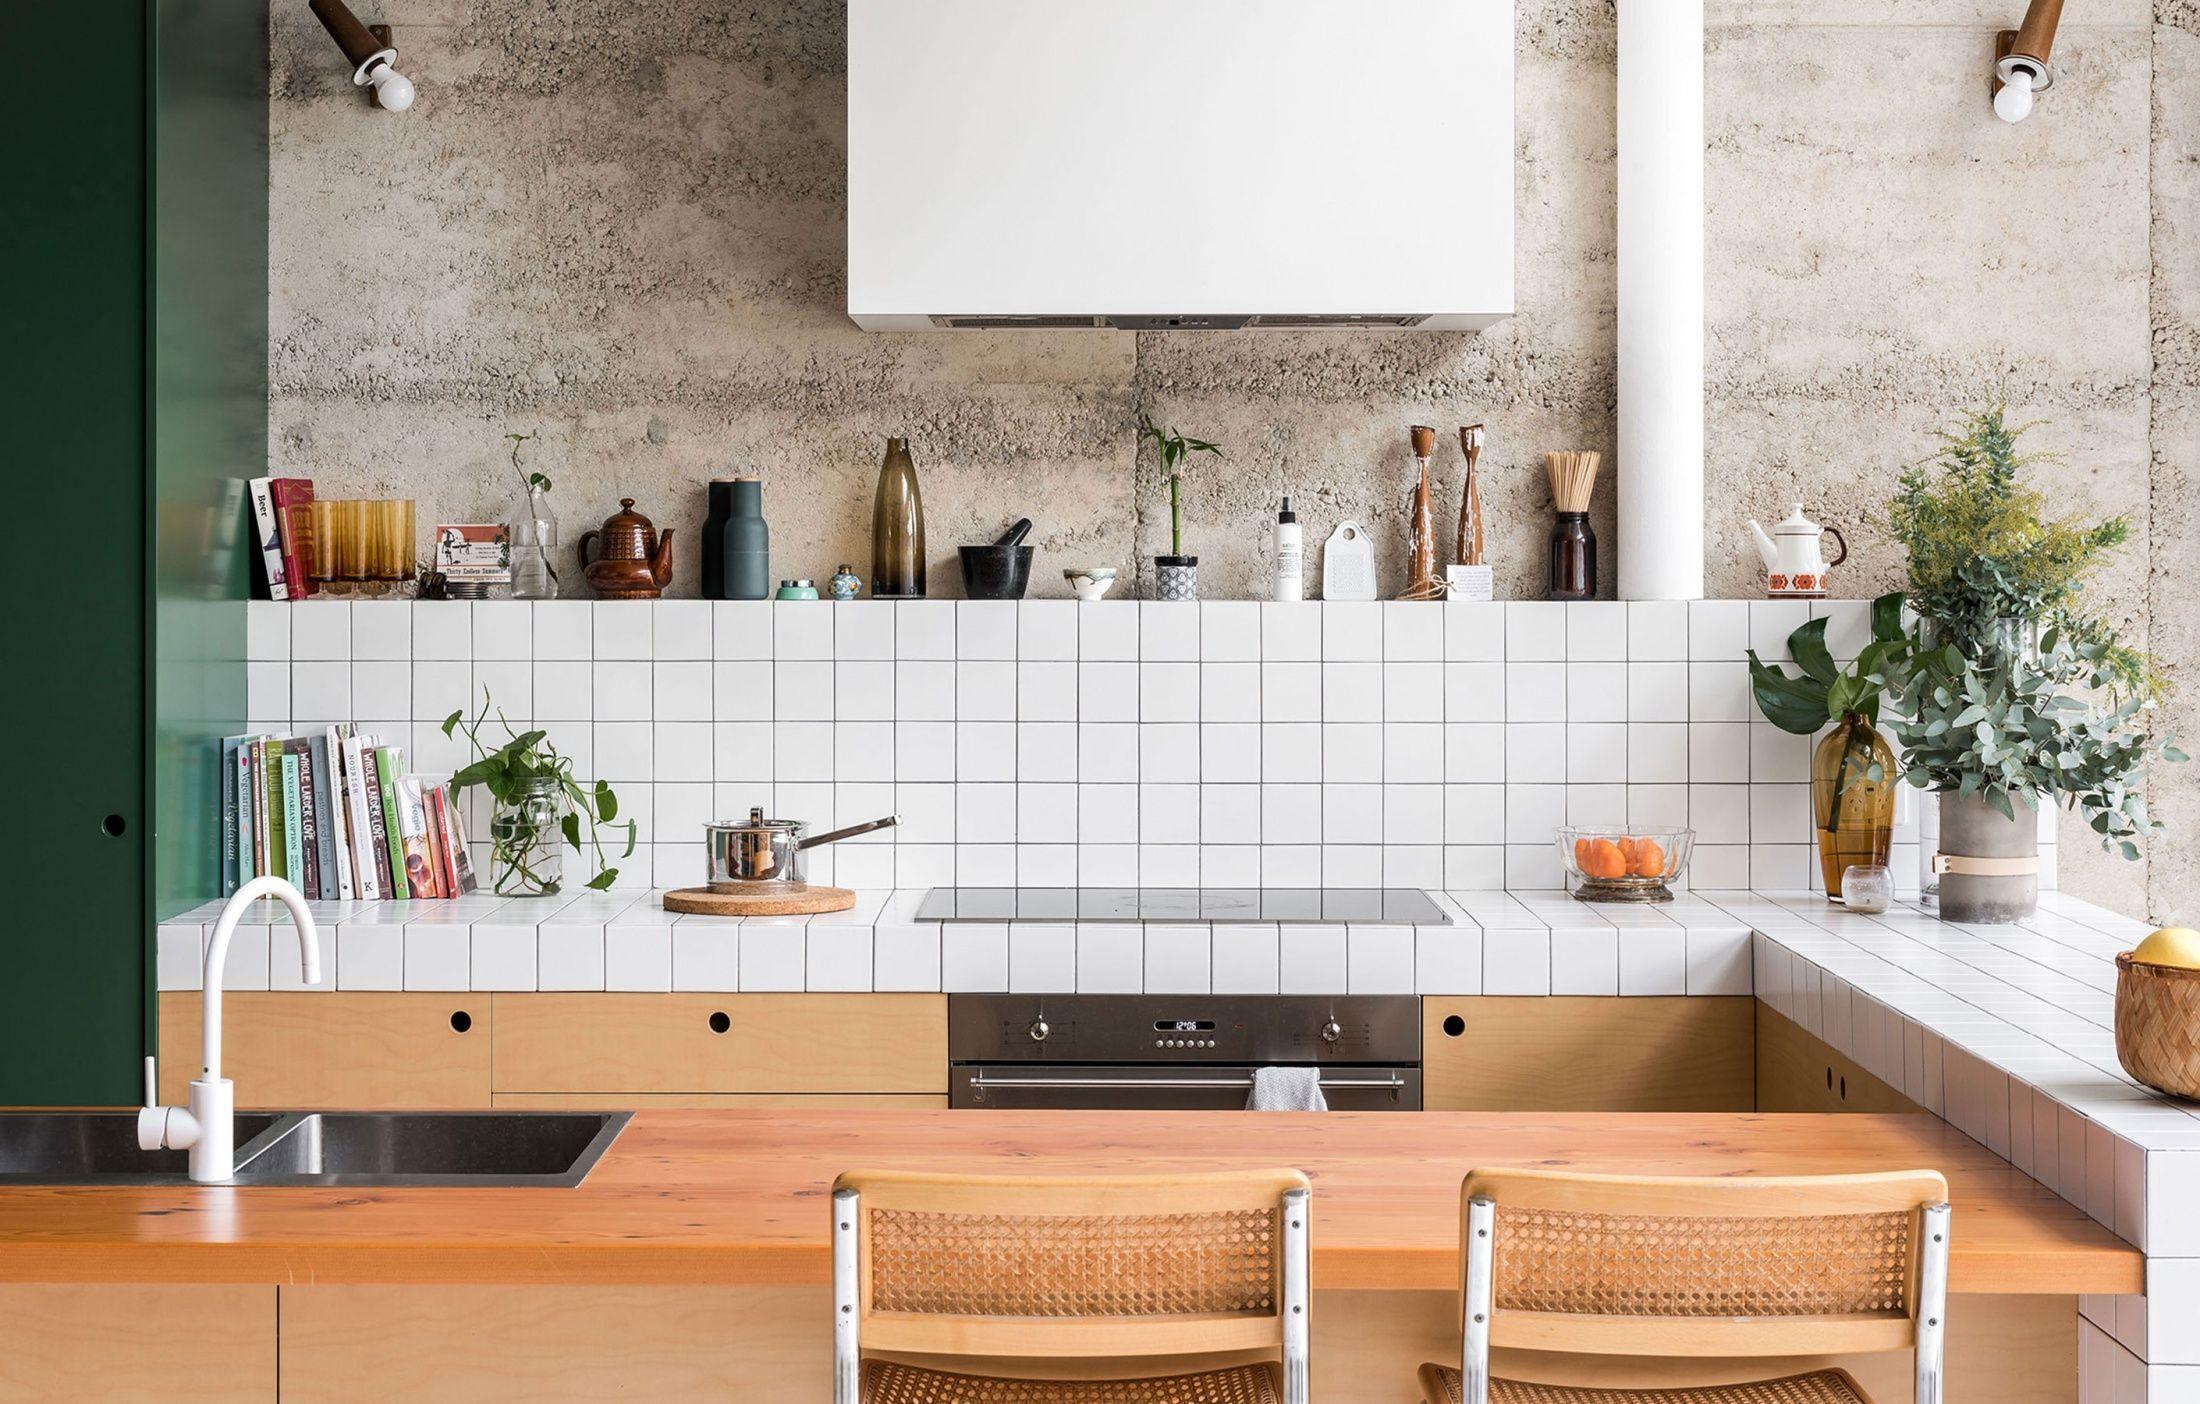 Ausgezeichnet Kit Küchen Perth Wa Bilder - Küchenschrank Ideen ...